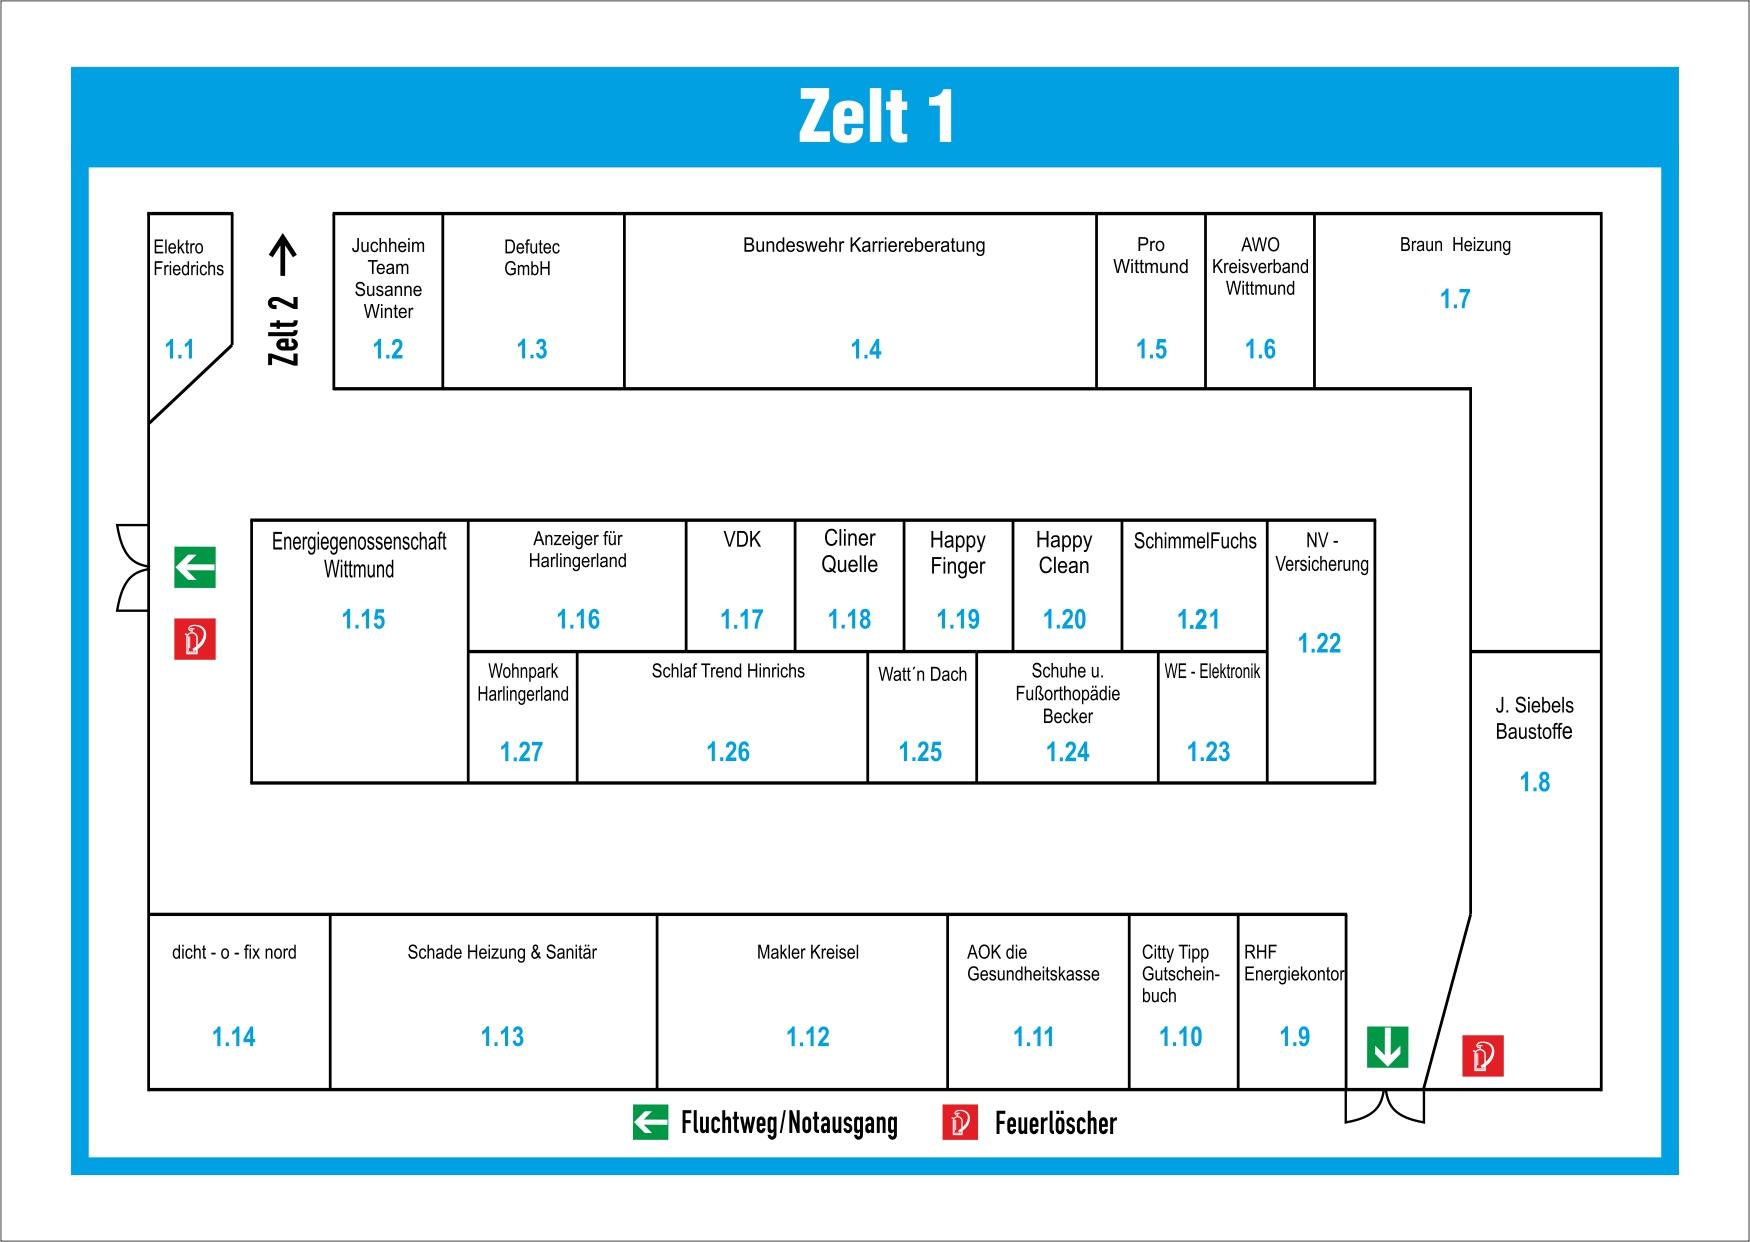 Zelt-1